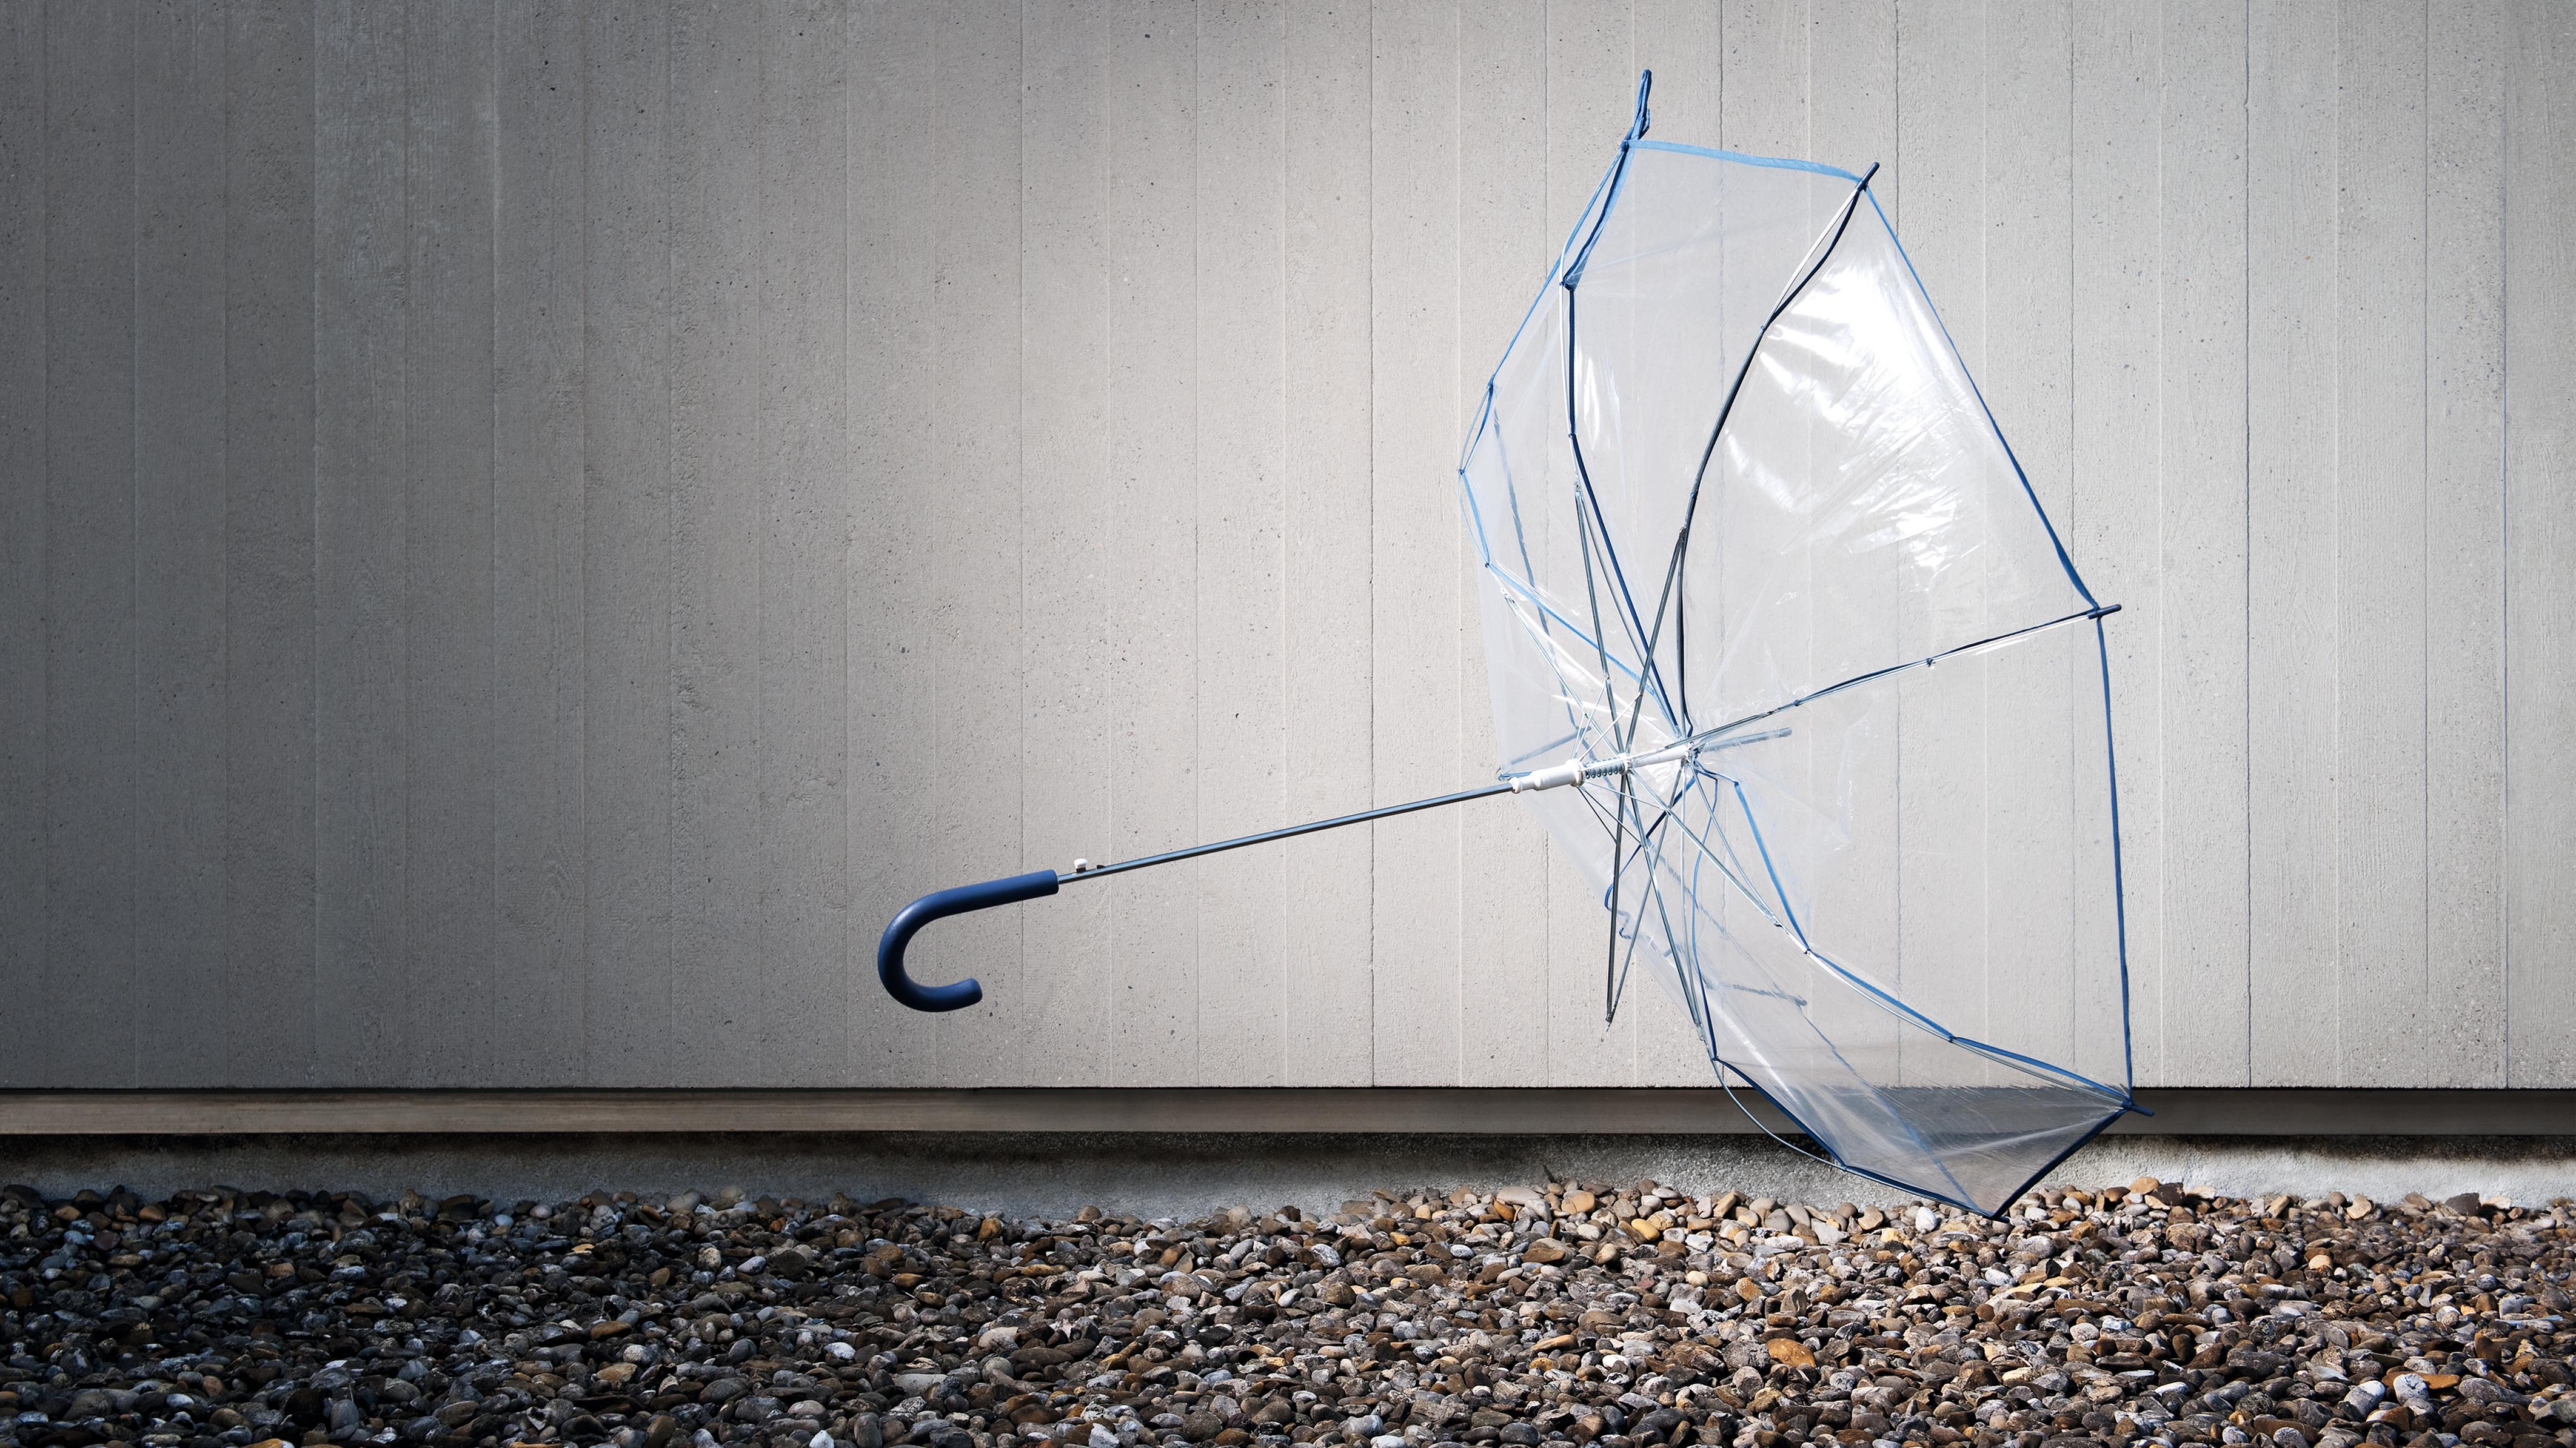 Ein durchsichtiger Regenschirm fliegt durch die Luft